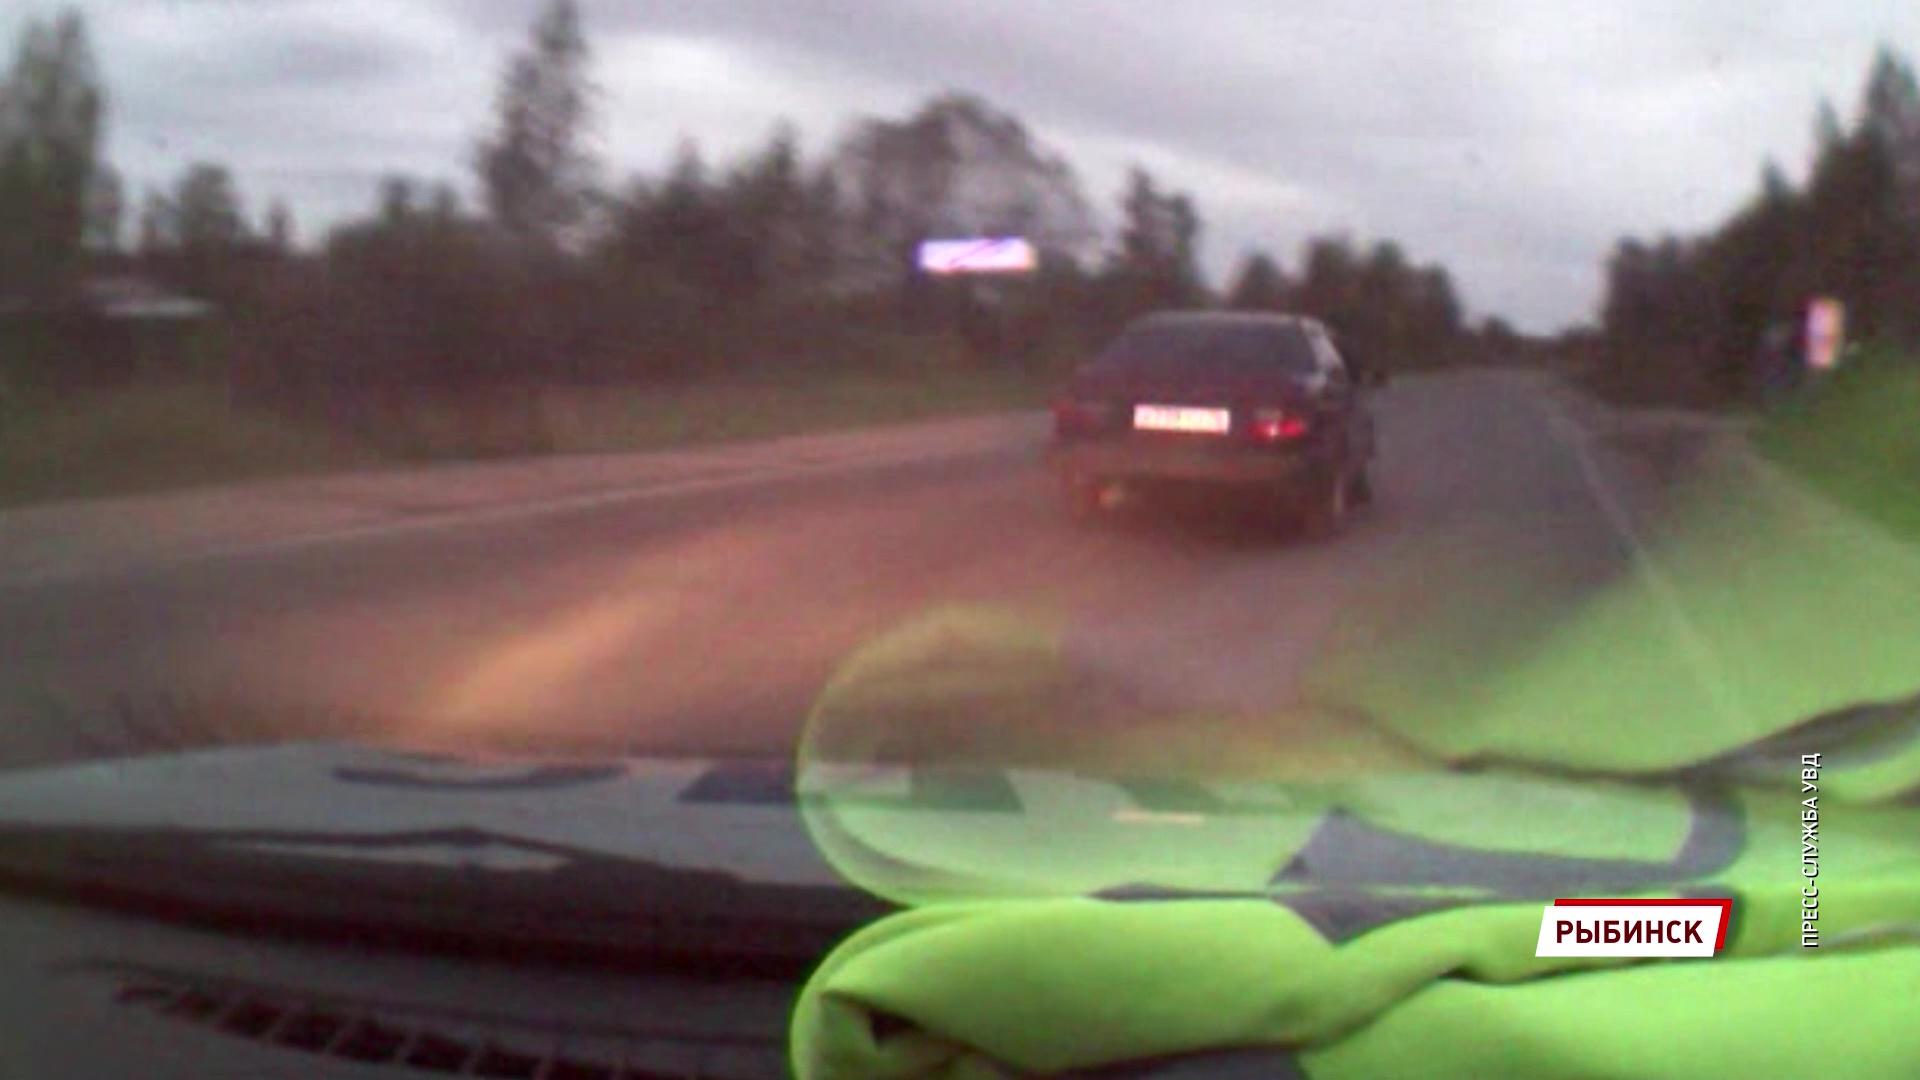 Под Рыбинском пьяный водитель без прав сбил пешехода, пытаясь скрыться от полиции